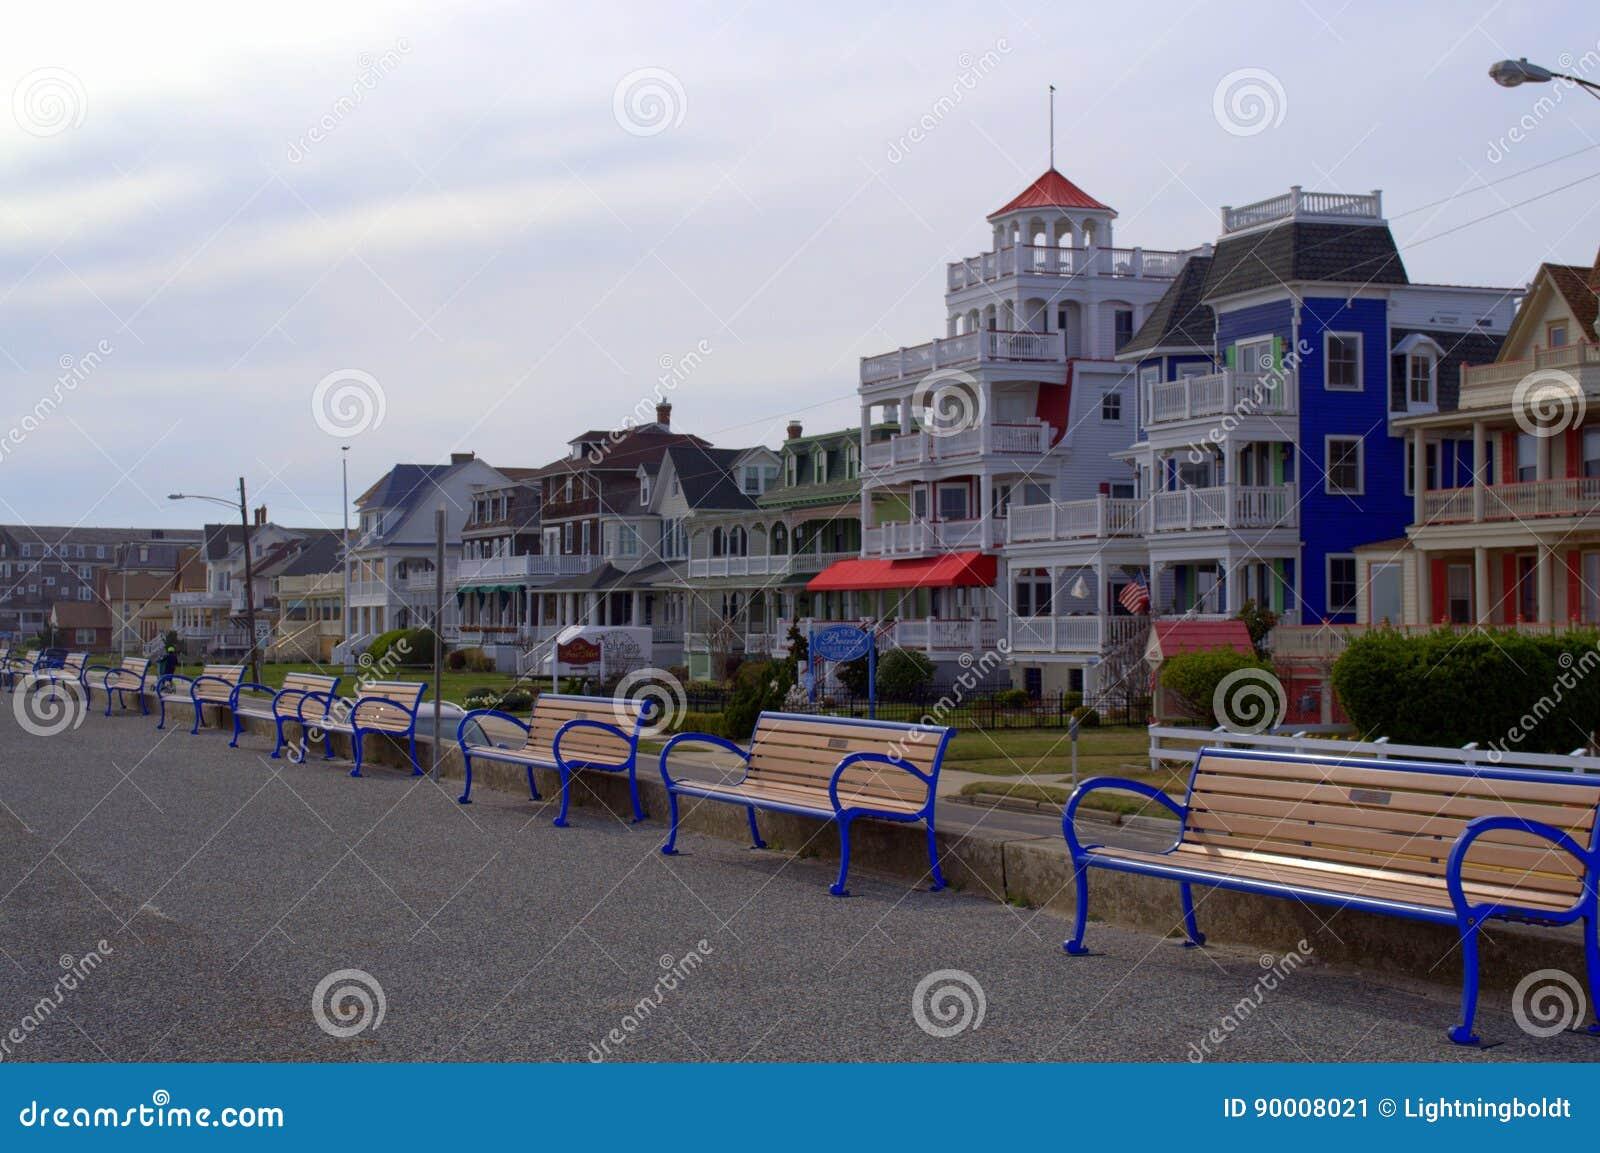 Beach Street, Cape May NJ, USA